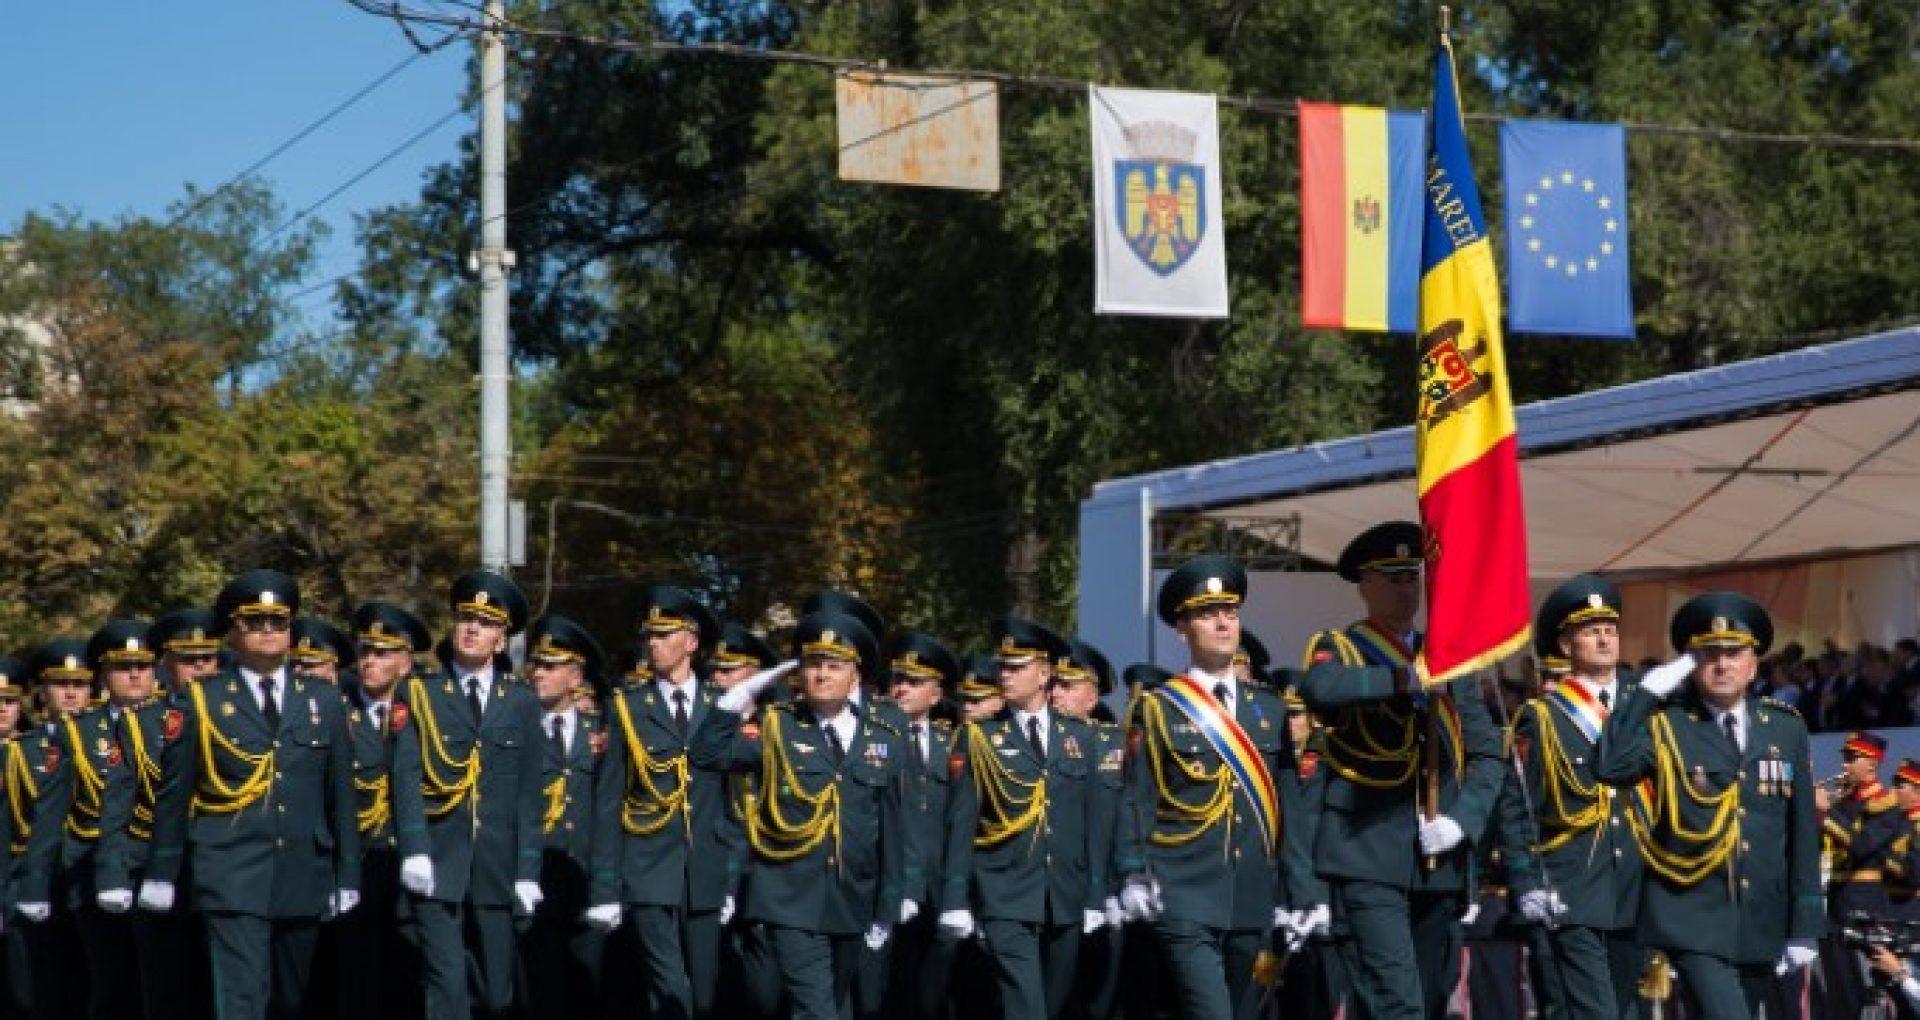 DOC/ Ziua Independenței R. Moldova va fi marcată cu paradă militară. Decretul semnat de către președinta Sandu